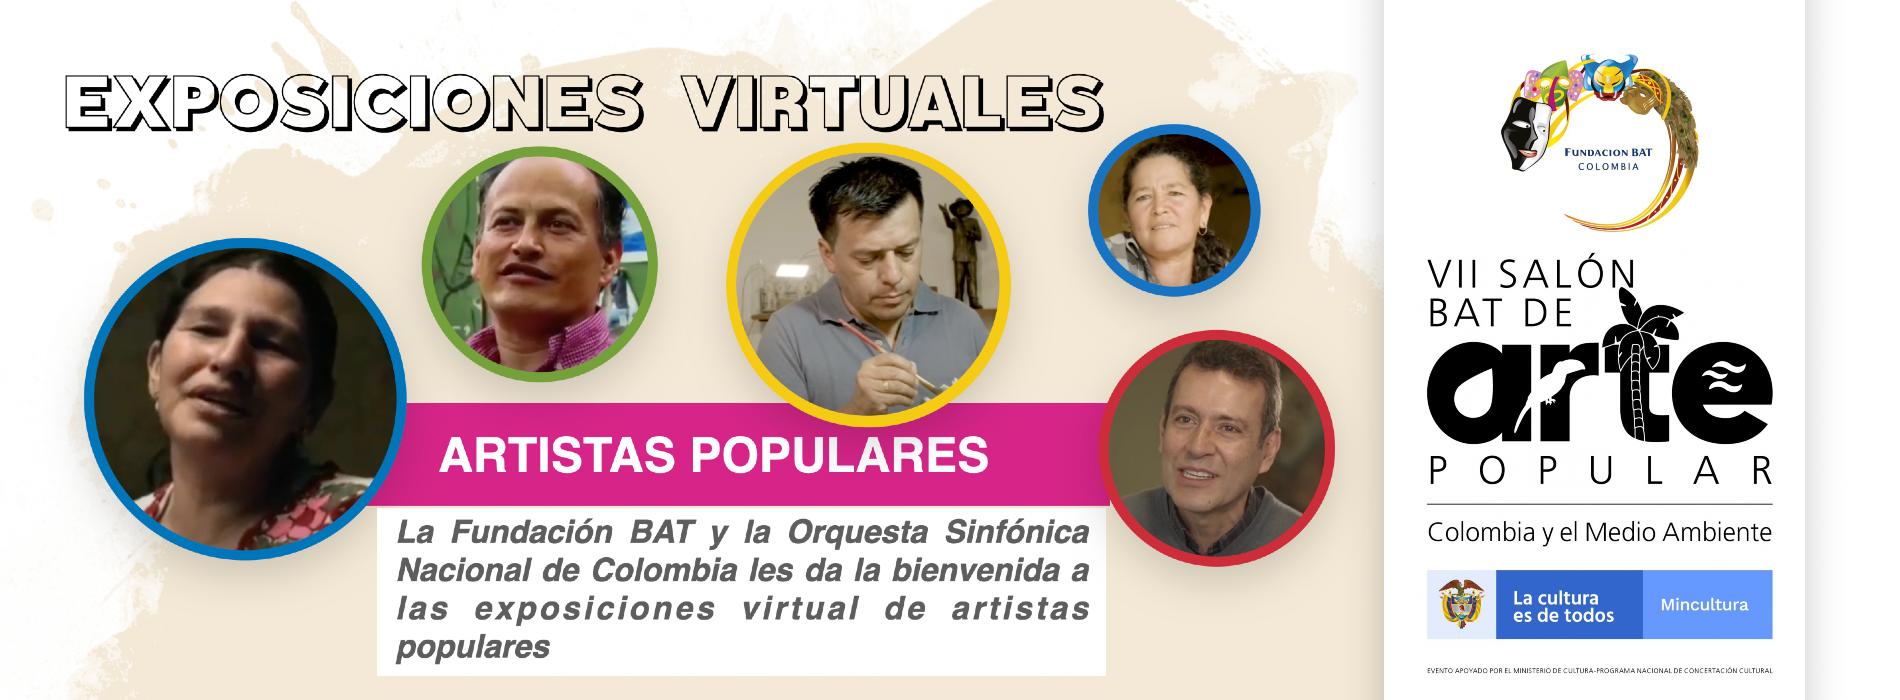 Exposiciones Virtuales 2021